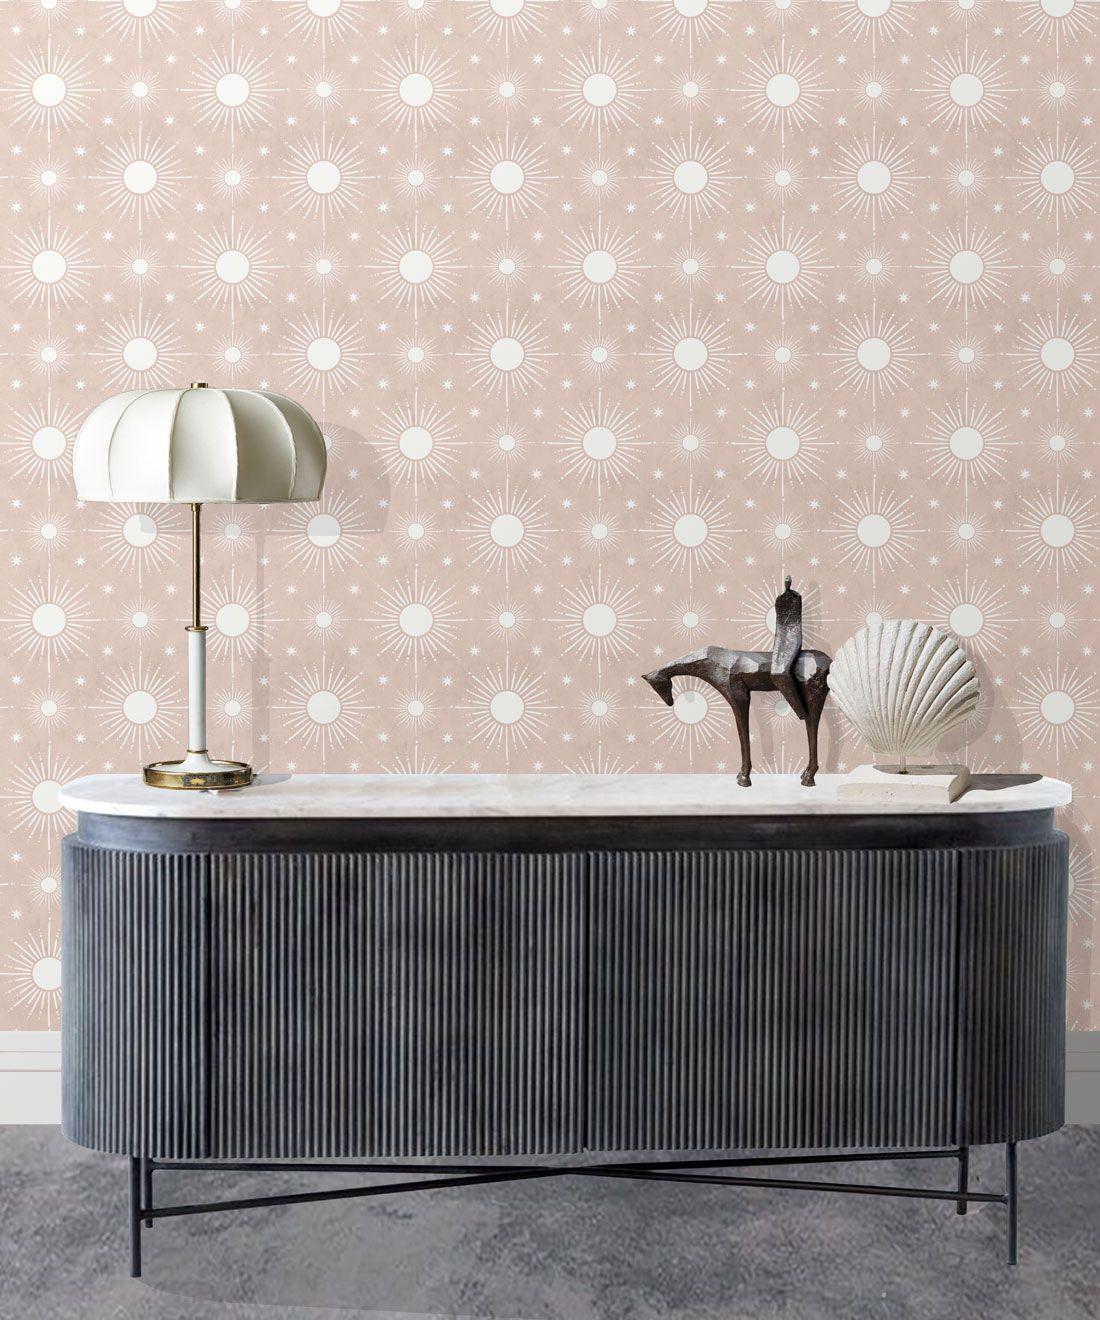 Sun Light Star Bright Wallpaper • Dusty Pink • Insitu